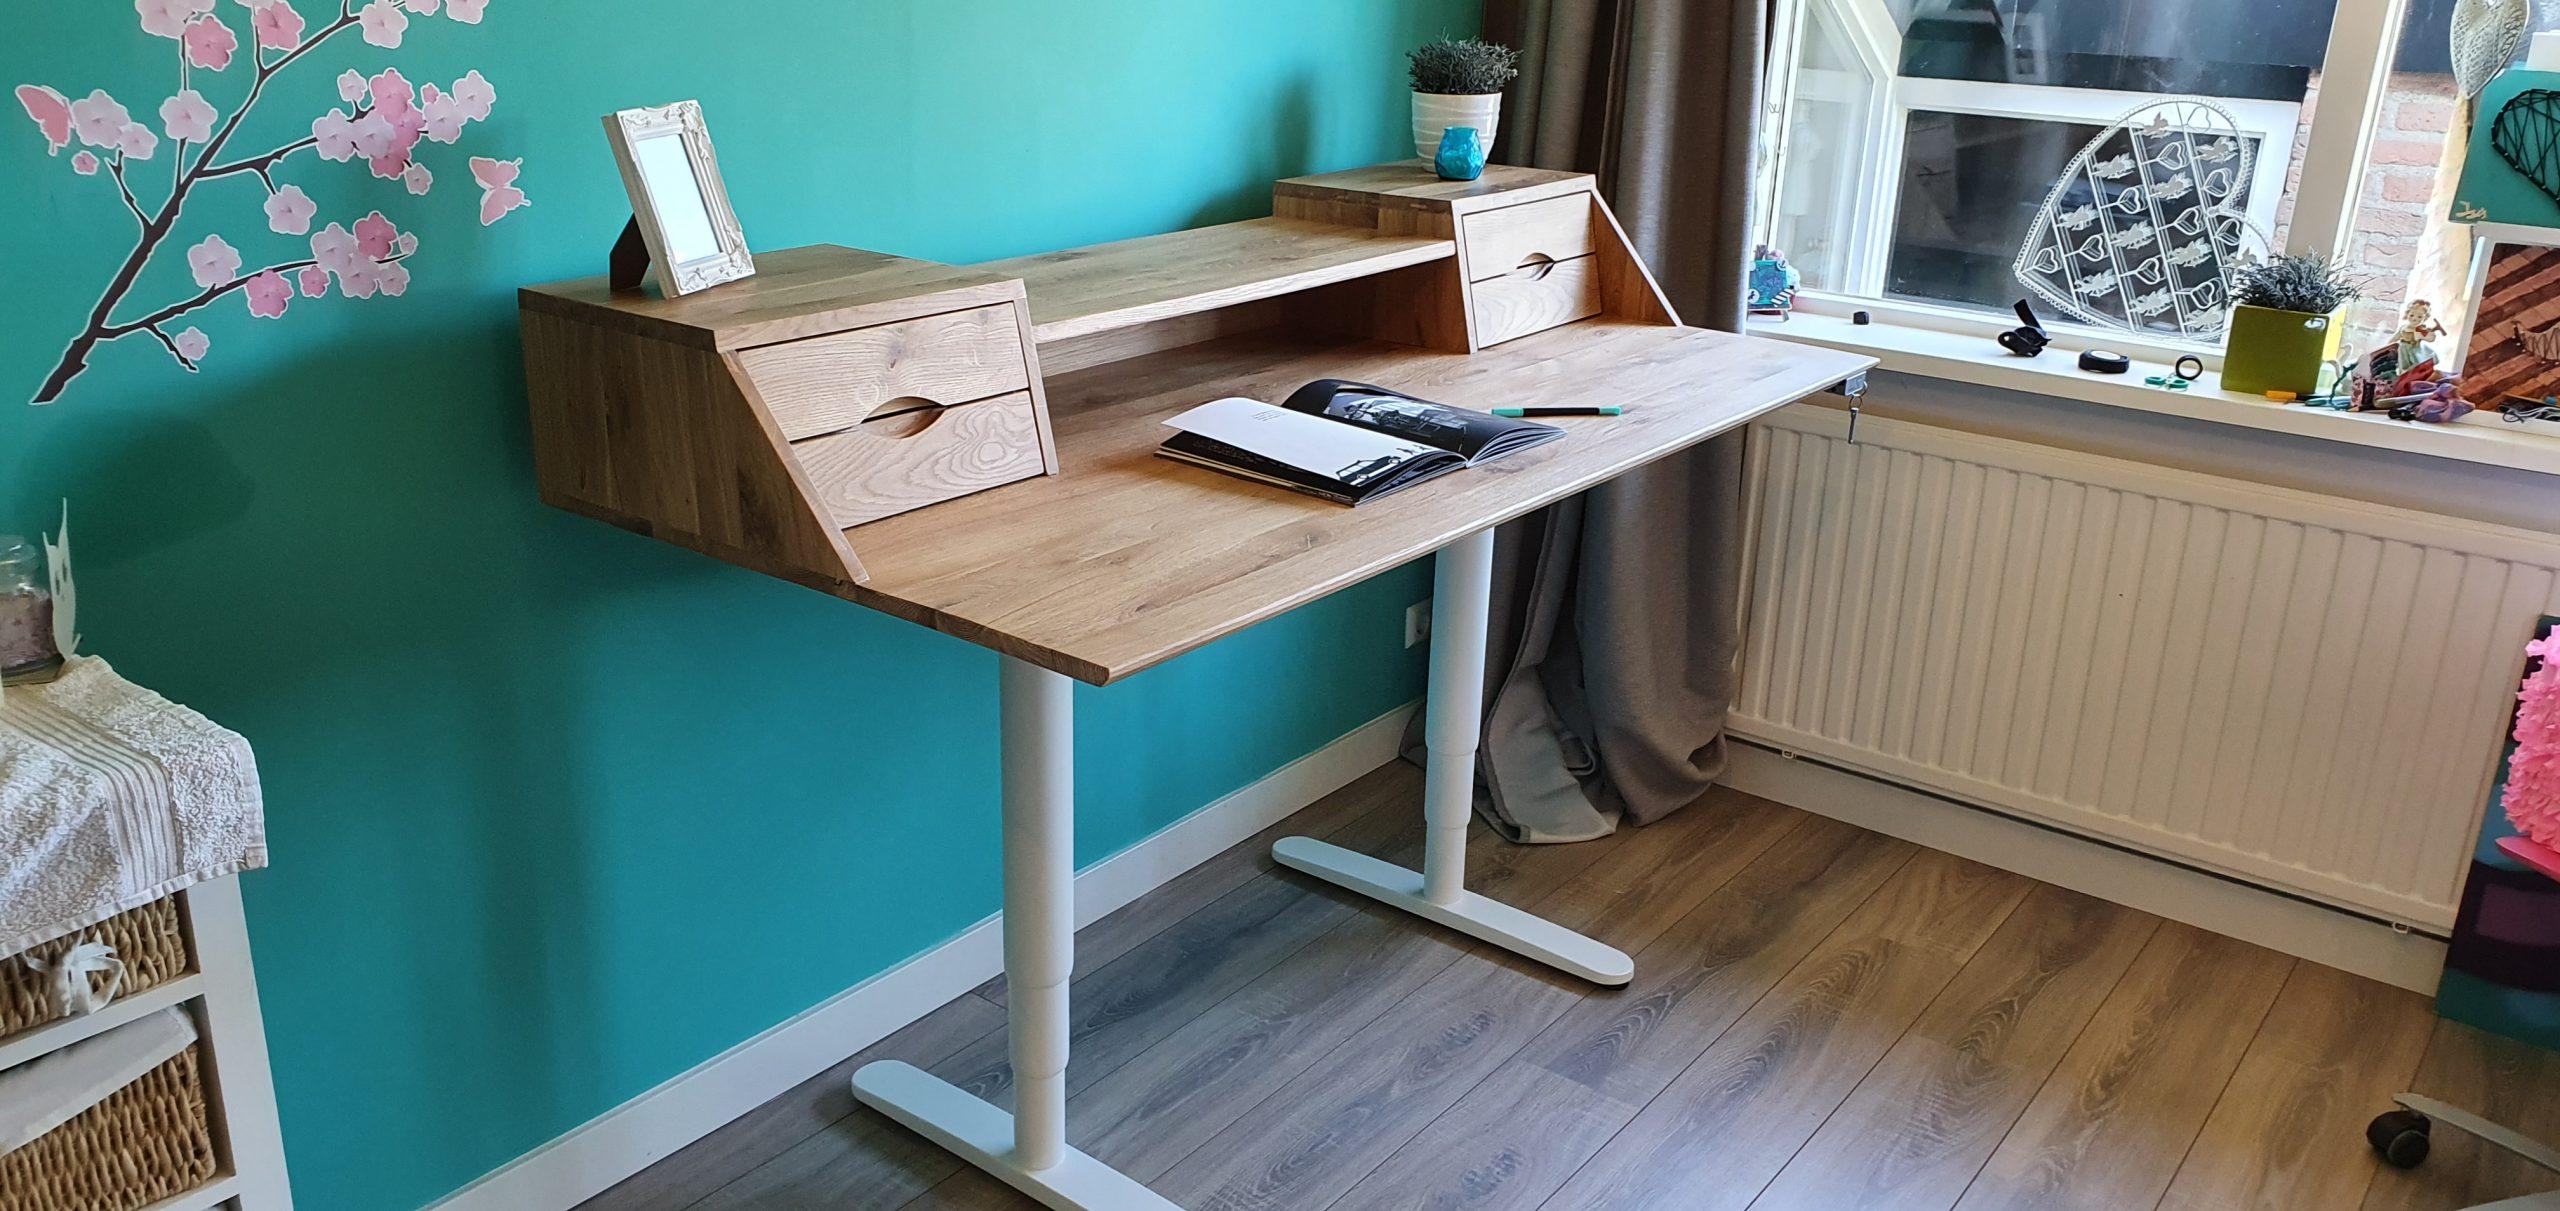 eiken bureau (oak desk) - side view